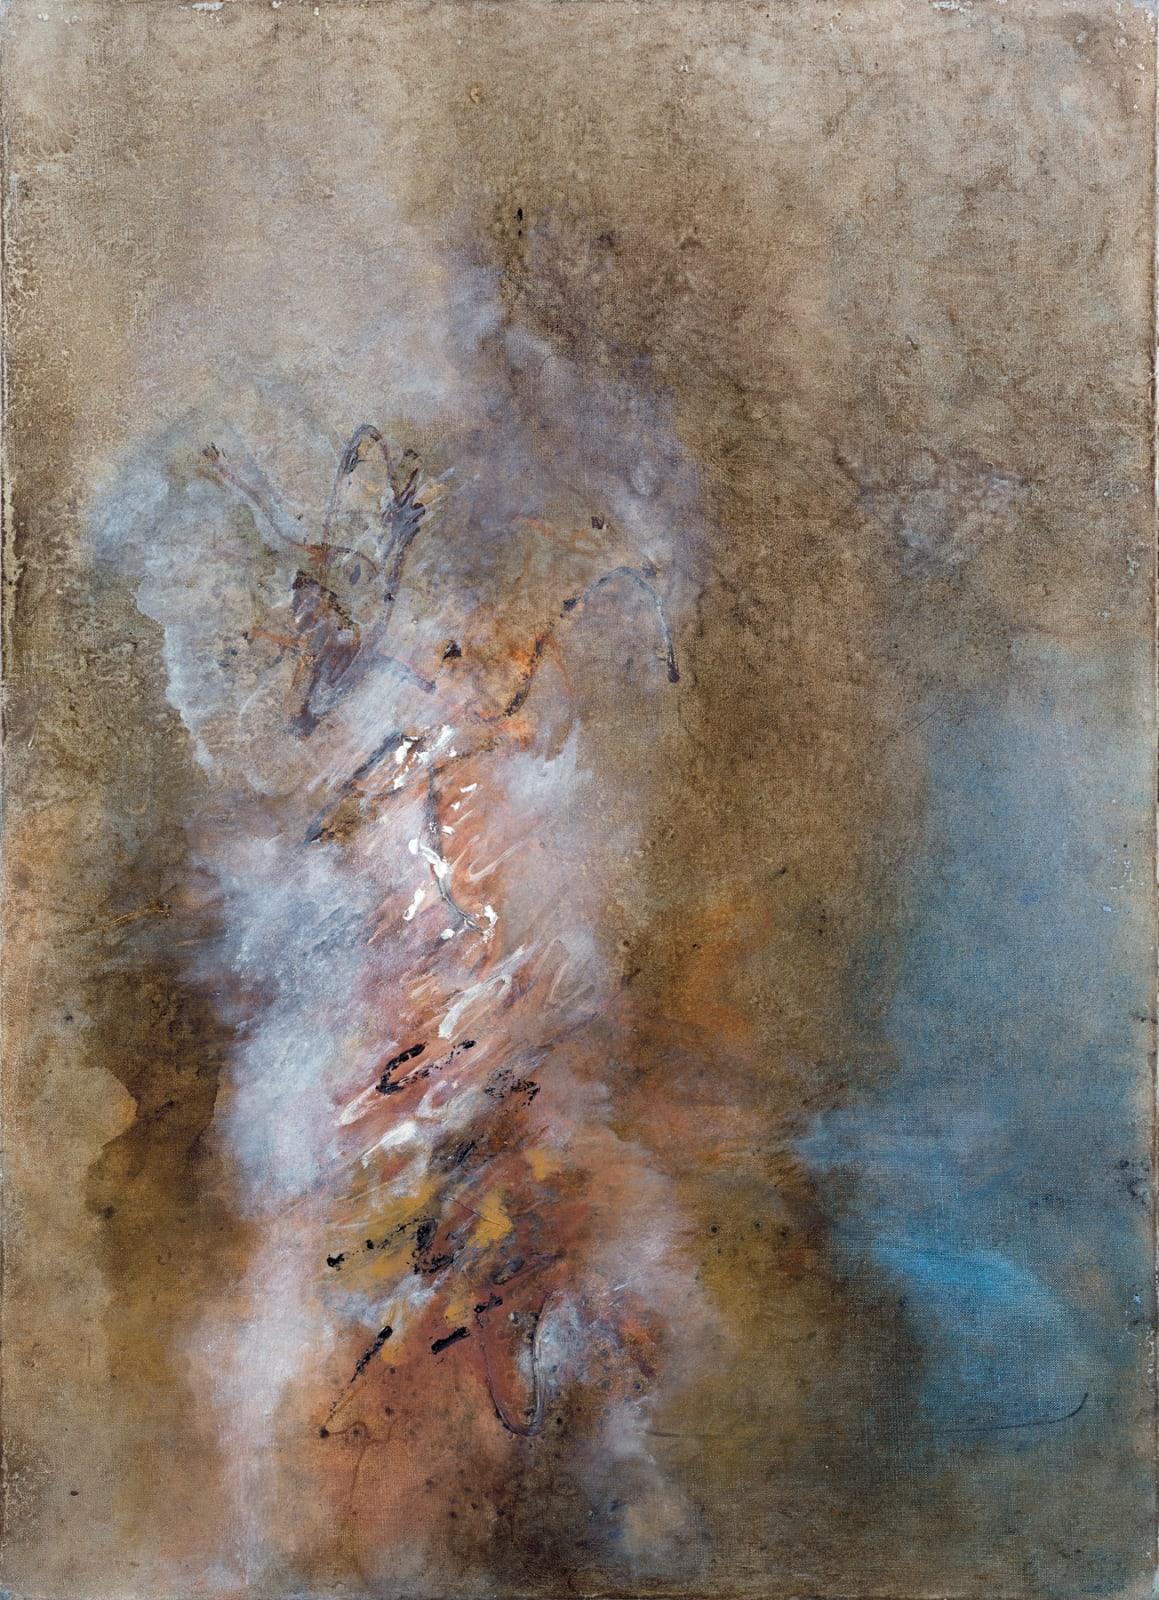 Lalan 謝景蘭, Untitled《無題》, 1968-1969